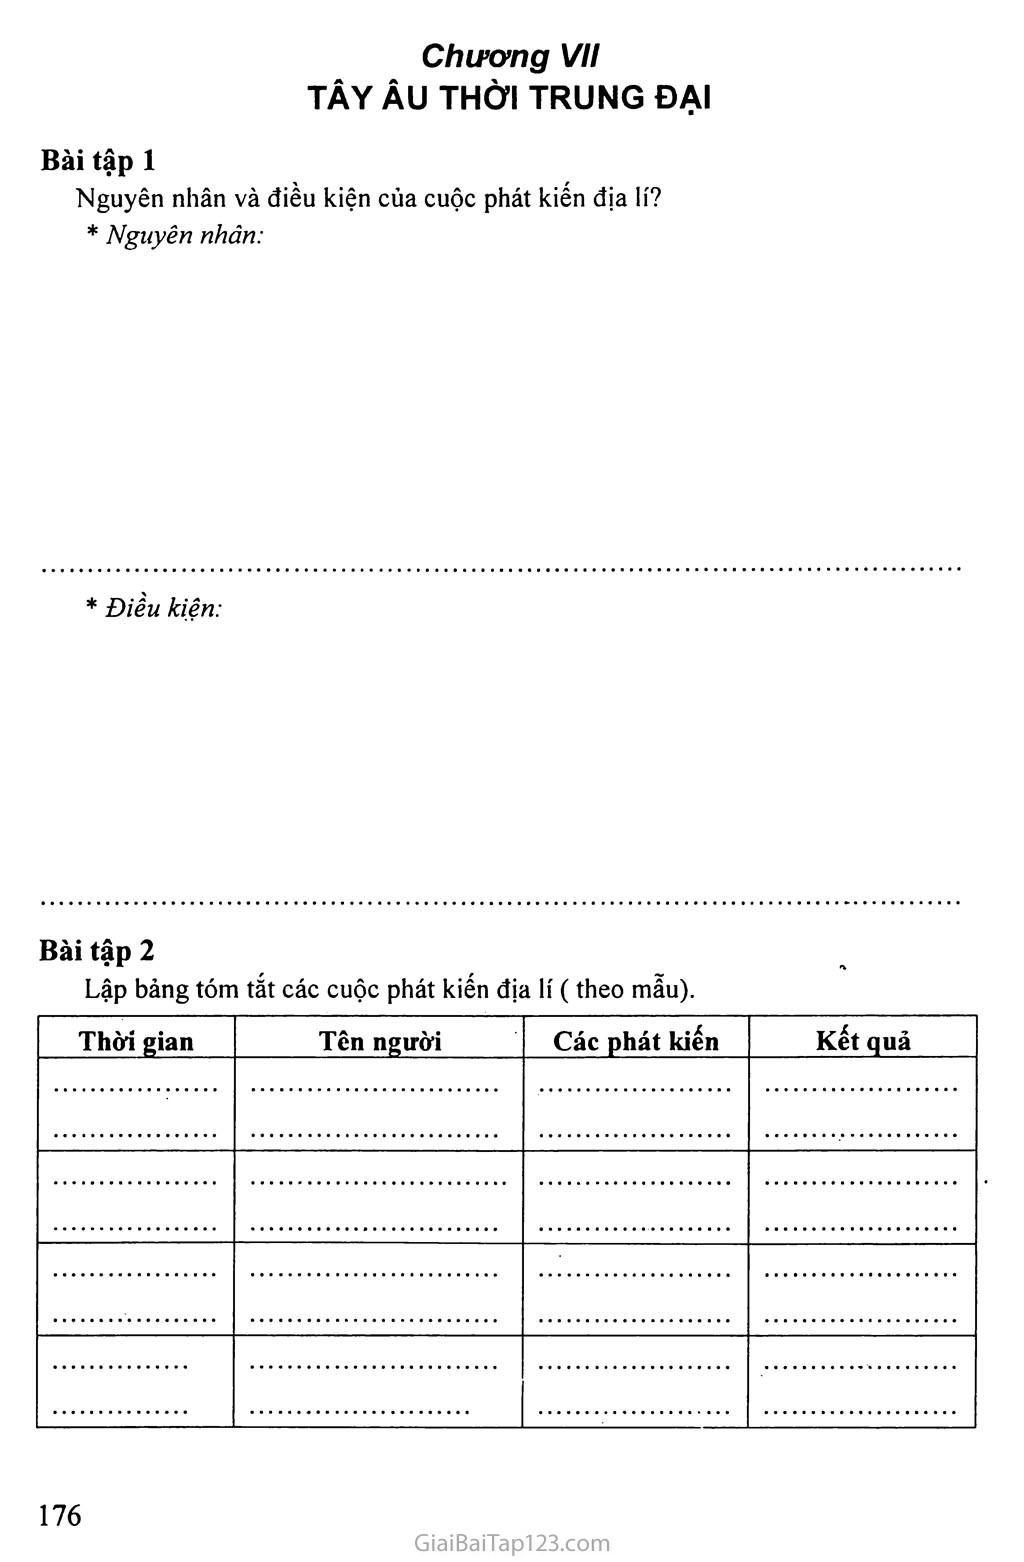 MỘT SỐ BÀI TẬP LỊCH SỬ HỌC SINH TỰ LÀM Ở NHÀ trang 18